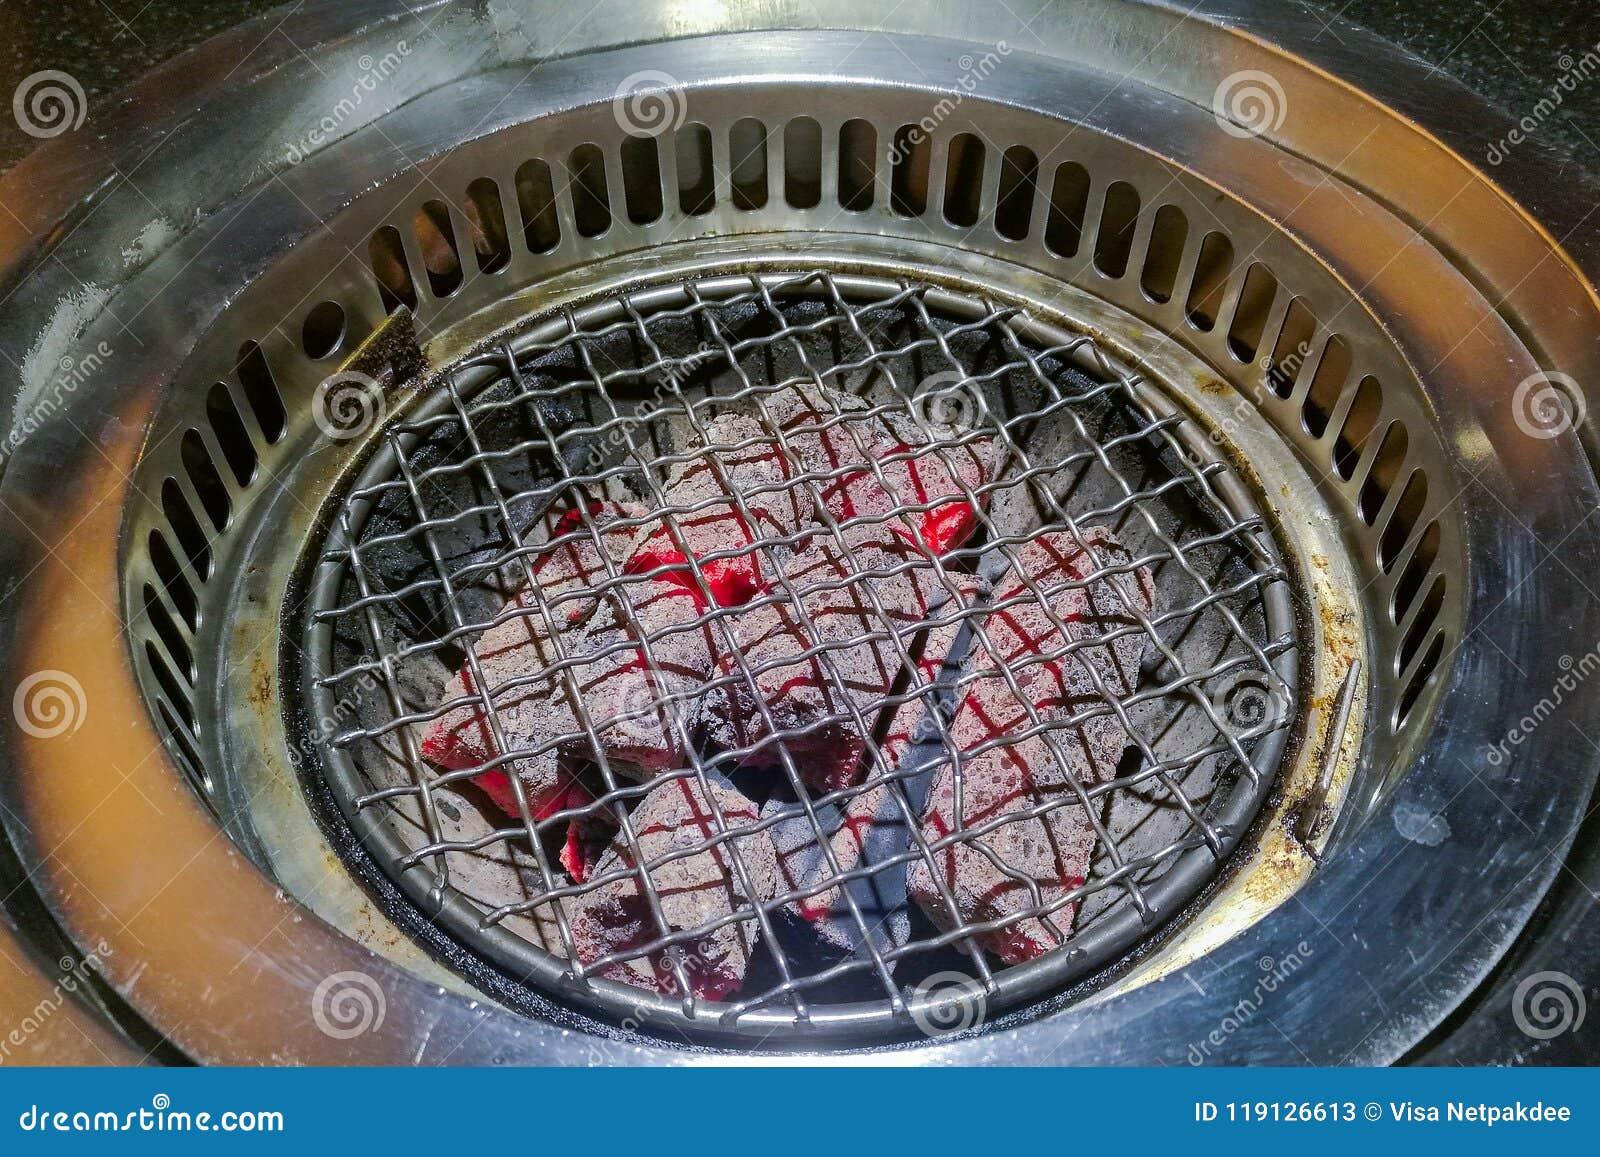 De fornuisbarbecue en de hete houtskool